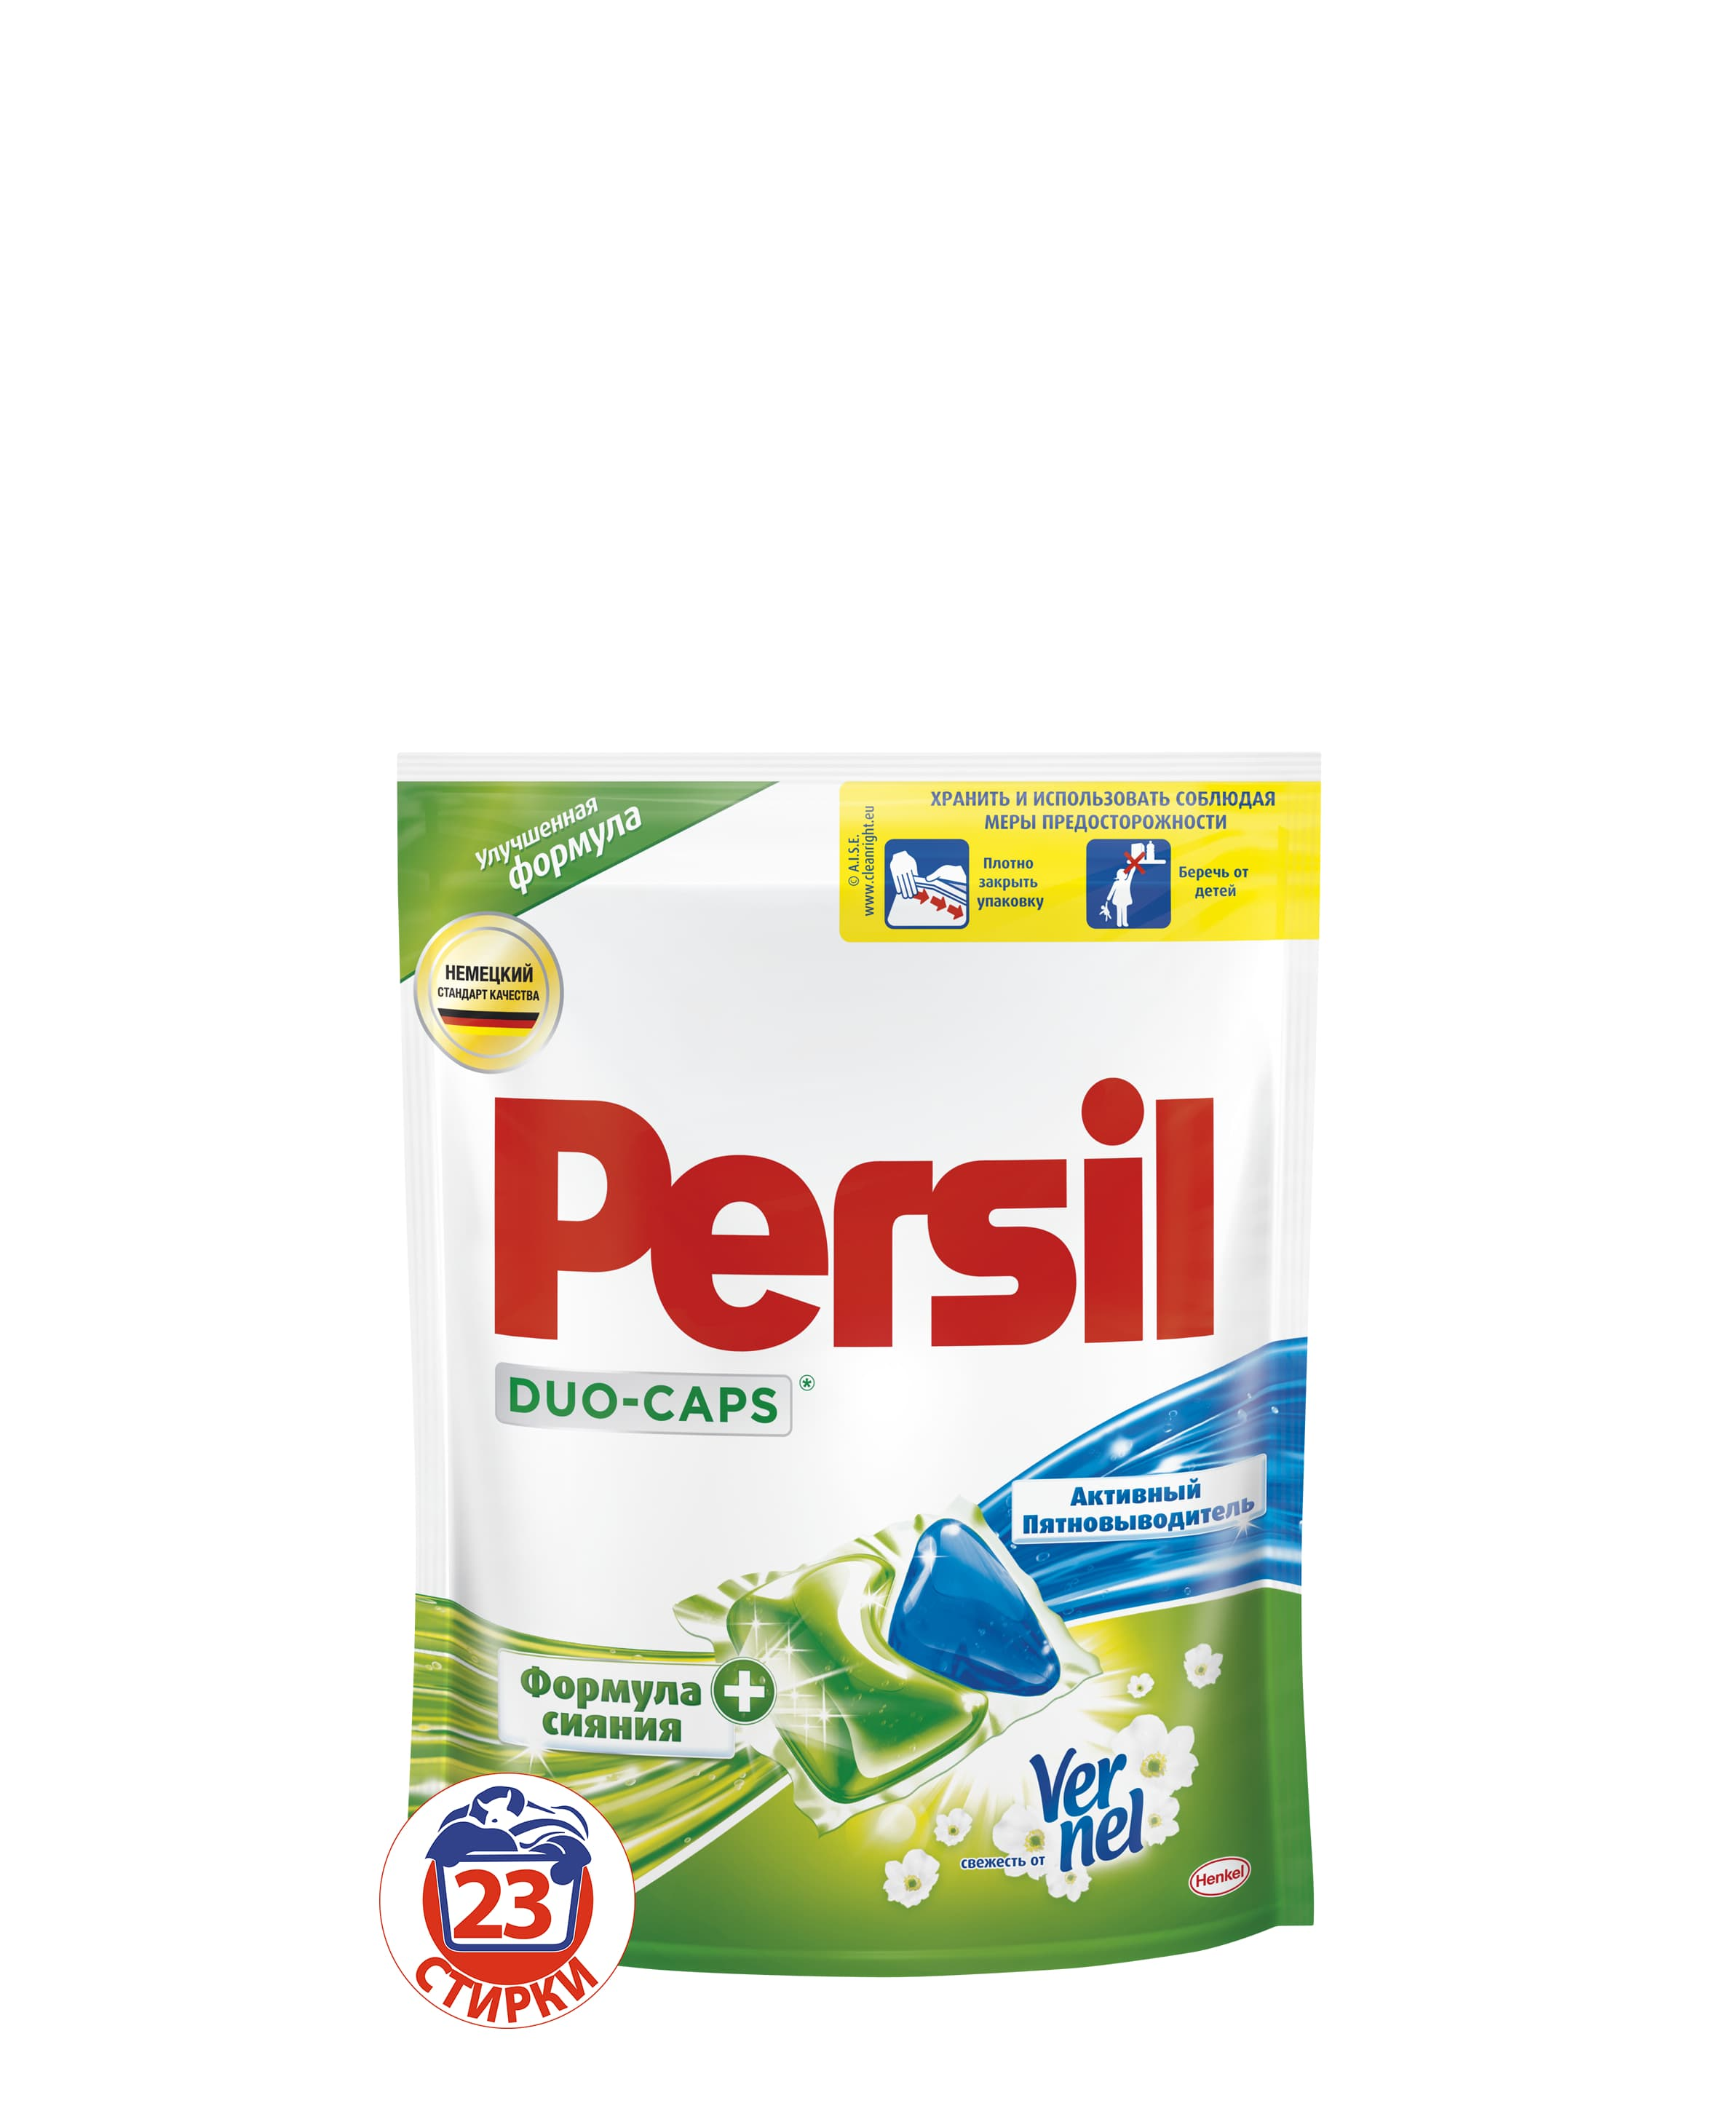 Капсулы для стирки Persil Дуо-капс Свежесть от Vernel 23 шт.935048Persil Дуо-капс - высококонцентрированное жидкое средство для стирки с формулой сияния и активным пятновыводителем.Состав: 15-30% анионные ПАВ, неионогенные ПАВ; 5-15% мыло;Товар сертифицирован.